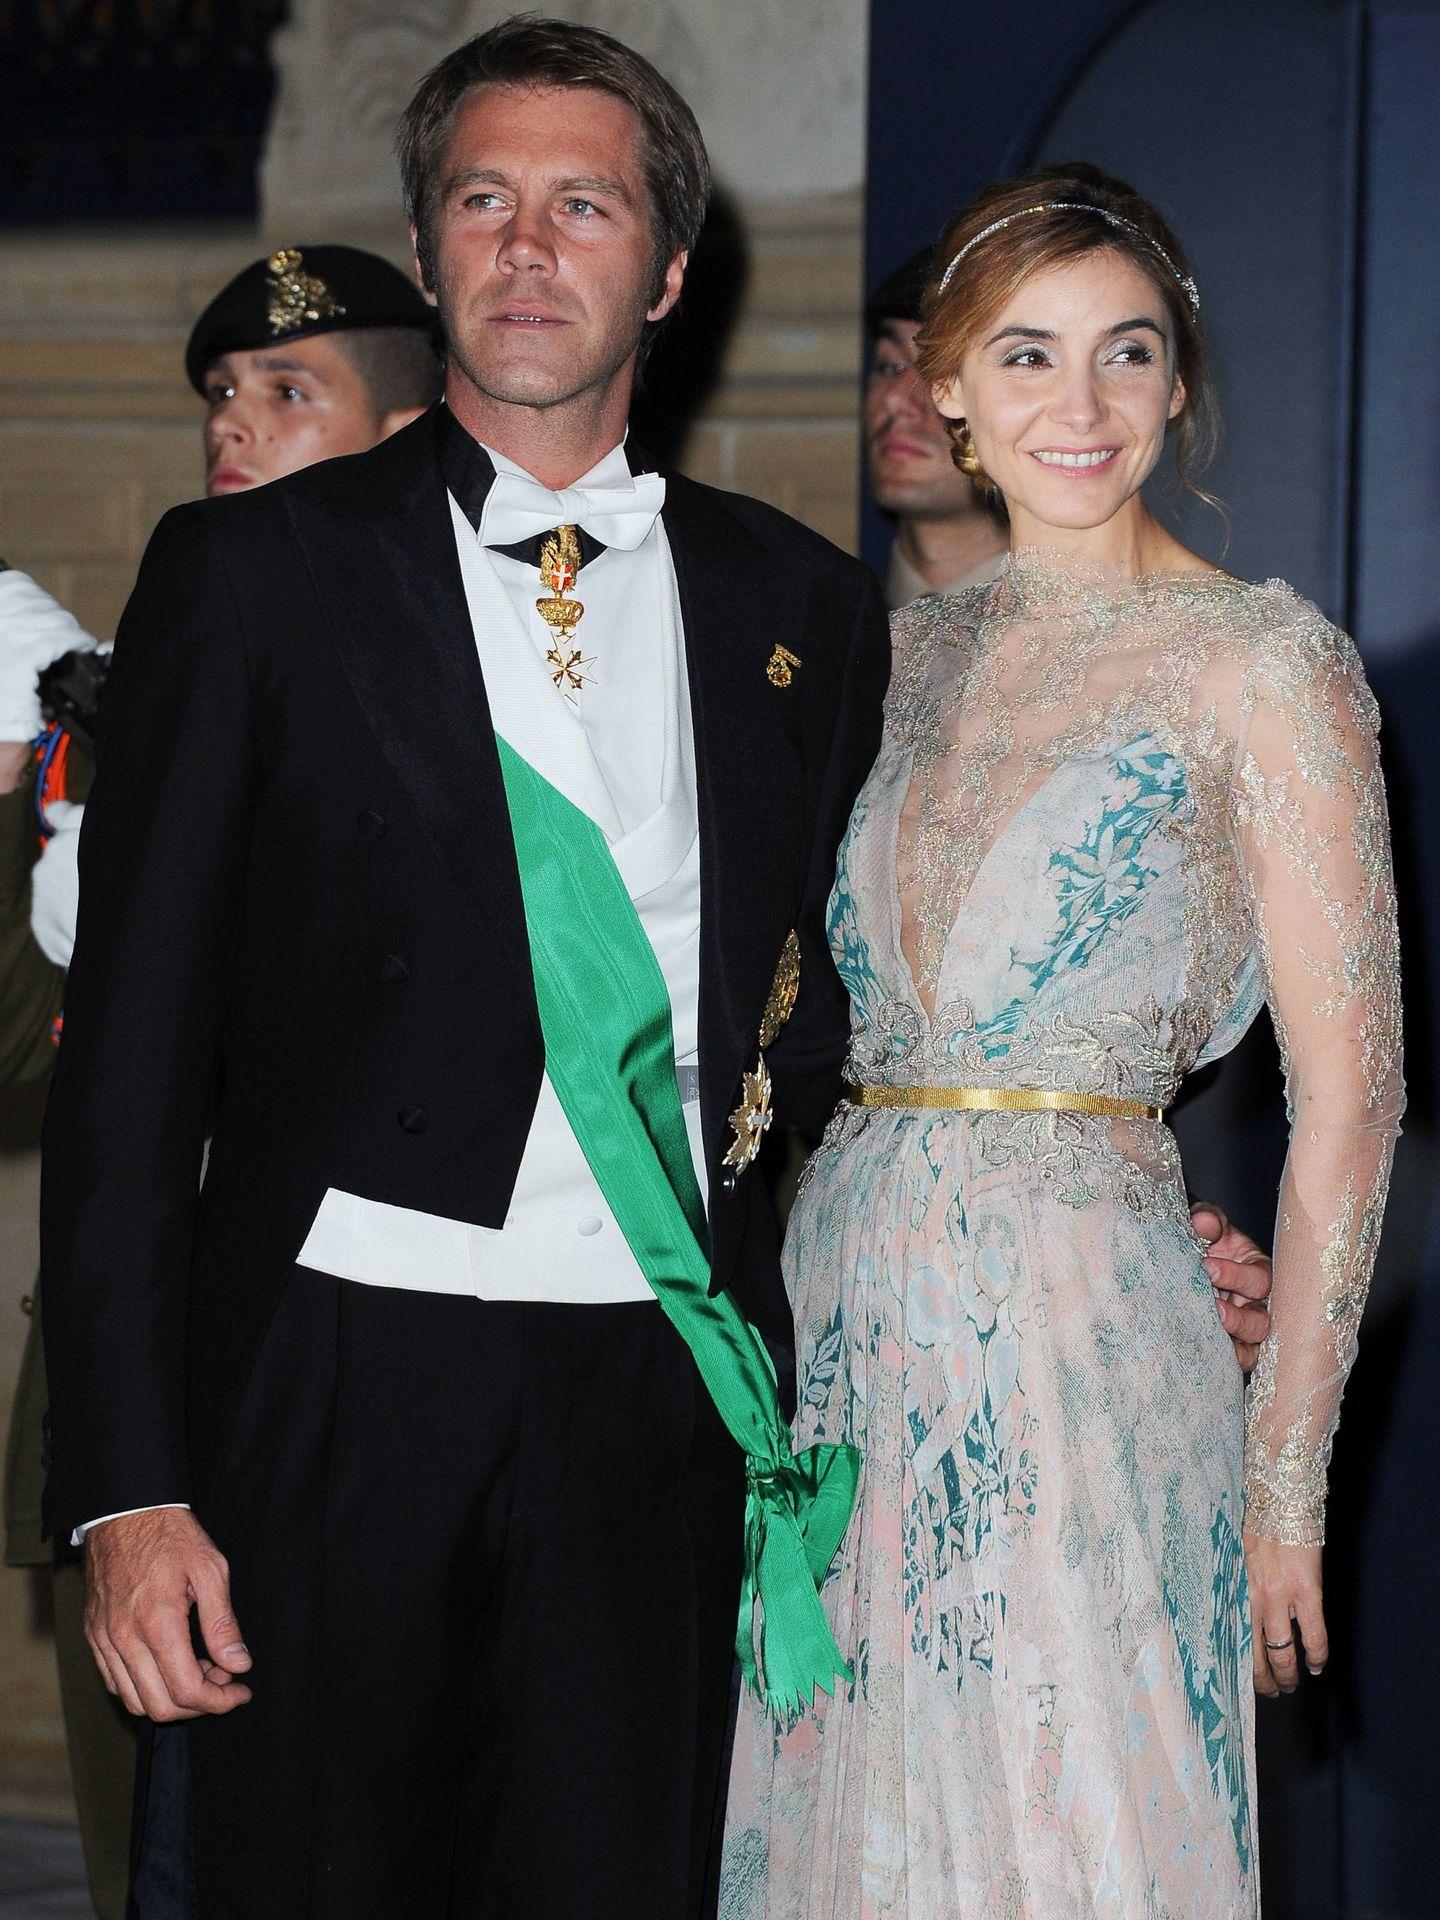 Emanuel Filiberto de Saboya y Clotilde Courau, en la boda de Guillermo de Luxemburgo. (Getty)